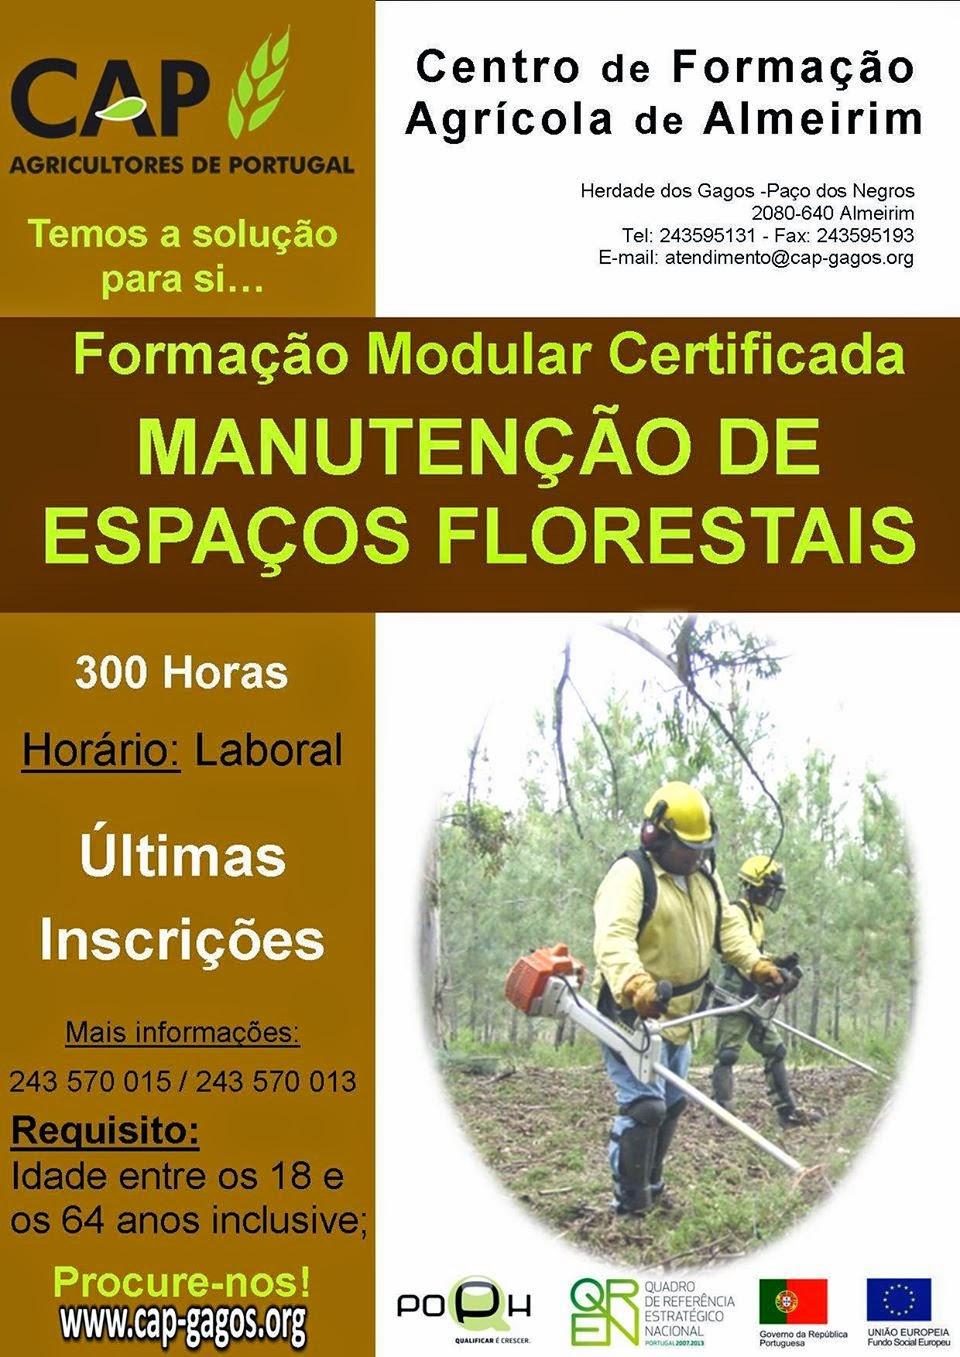 Formação financiada: Manutenção de Espaços Florestais – Centro de Formação Agrícola de Almeirim